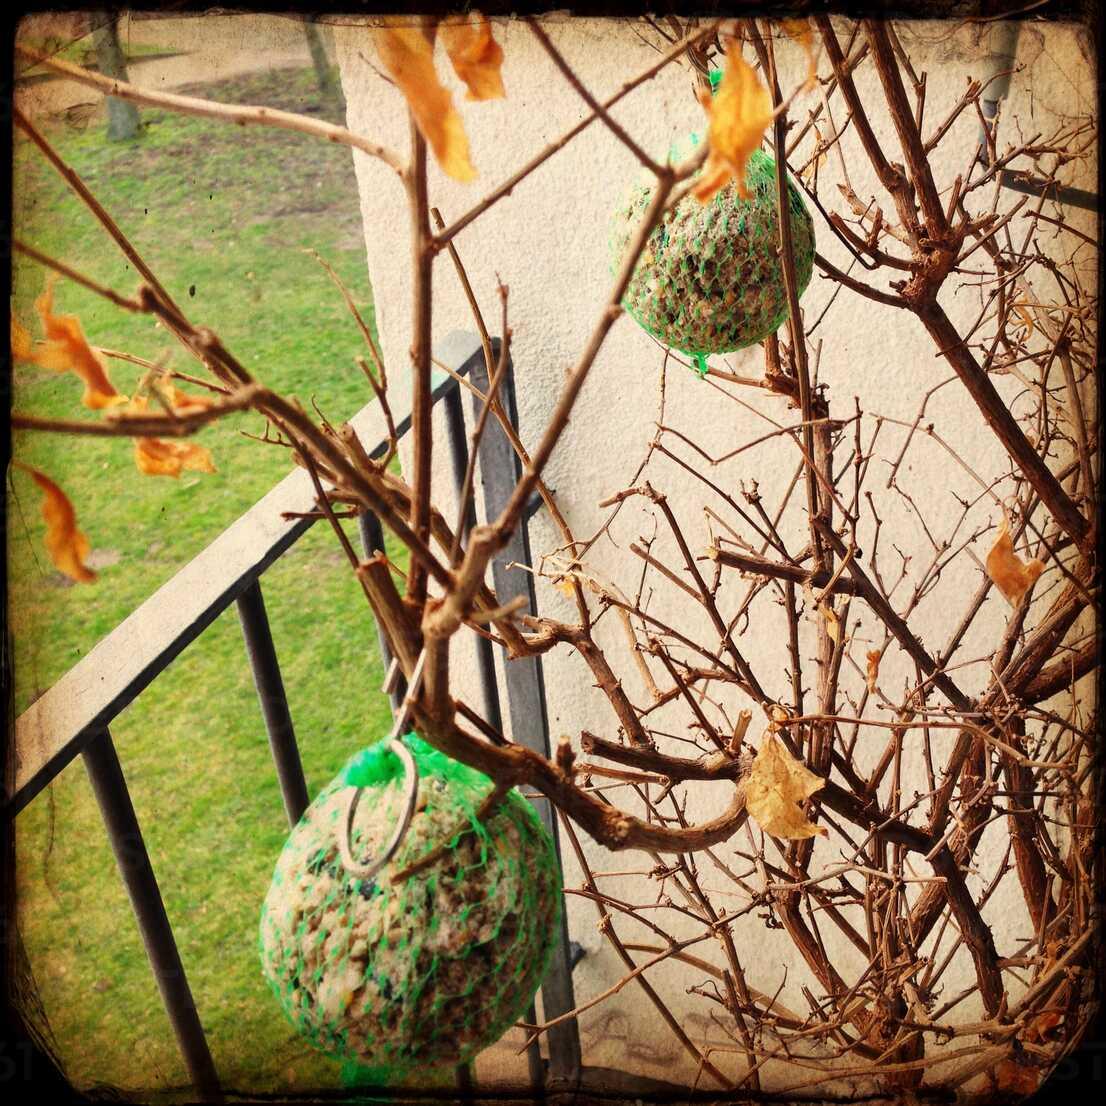 Fat balls in a tree, Bremen, Germany - NKF000094 - Stefan Kunert/Westend61